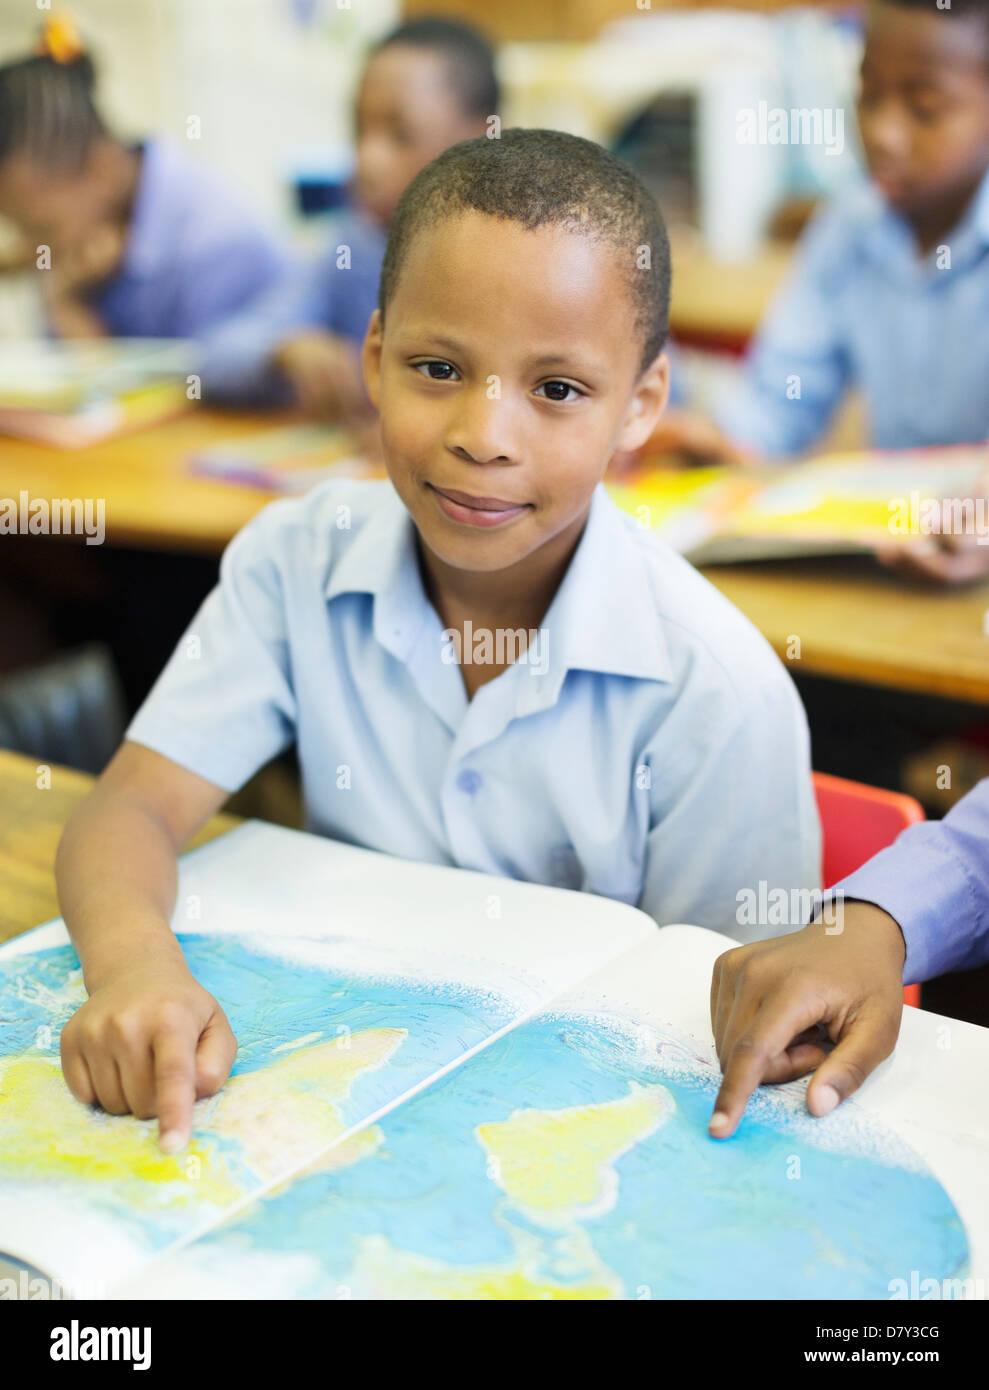 Gli studenti utilizzando la mappa del mondo in classe Immagini Stock